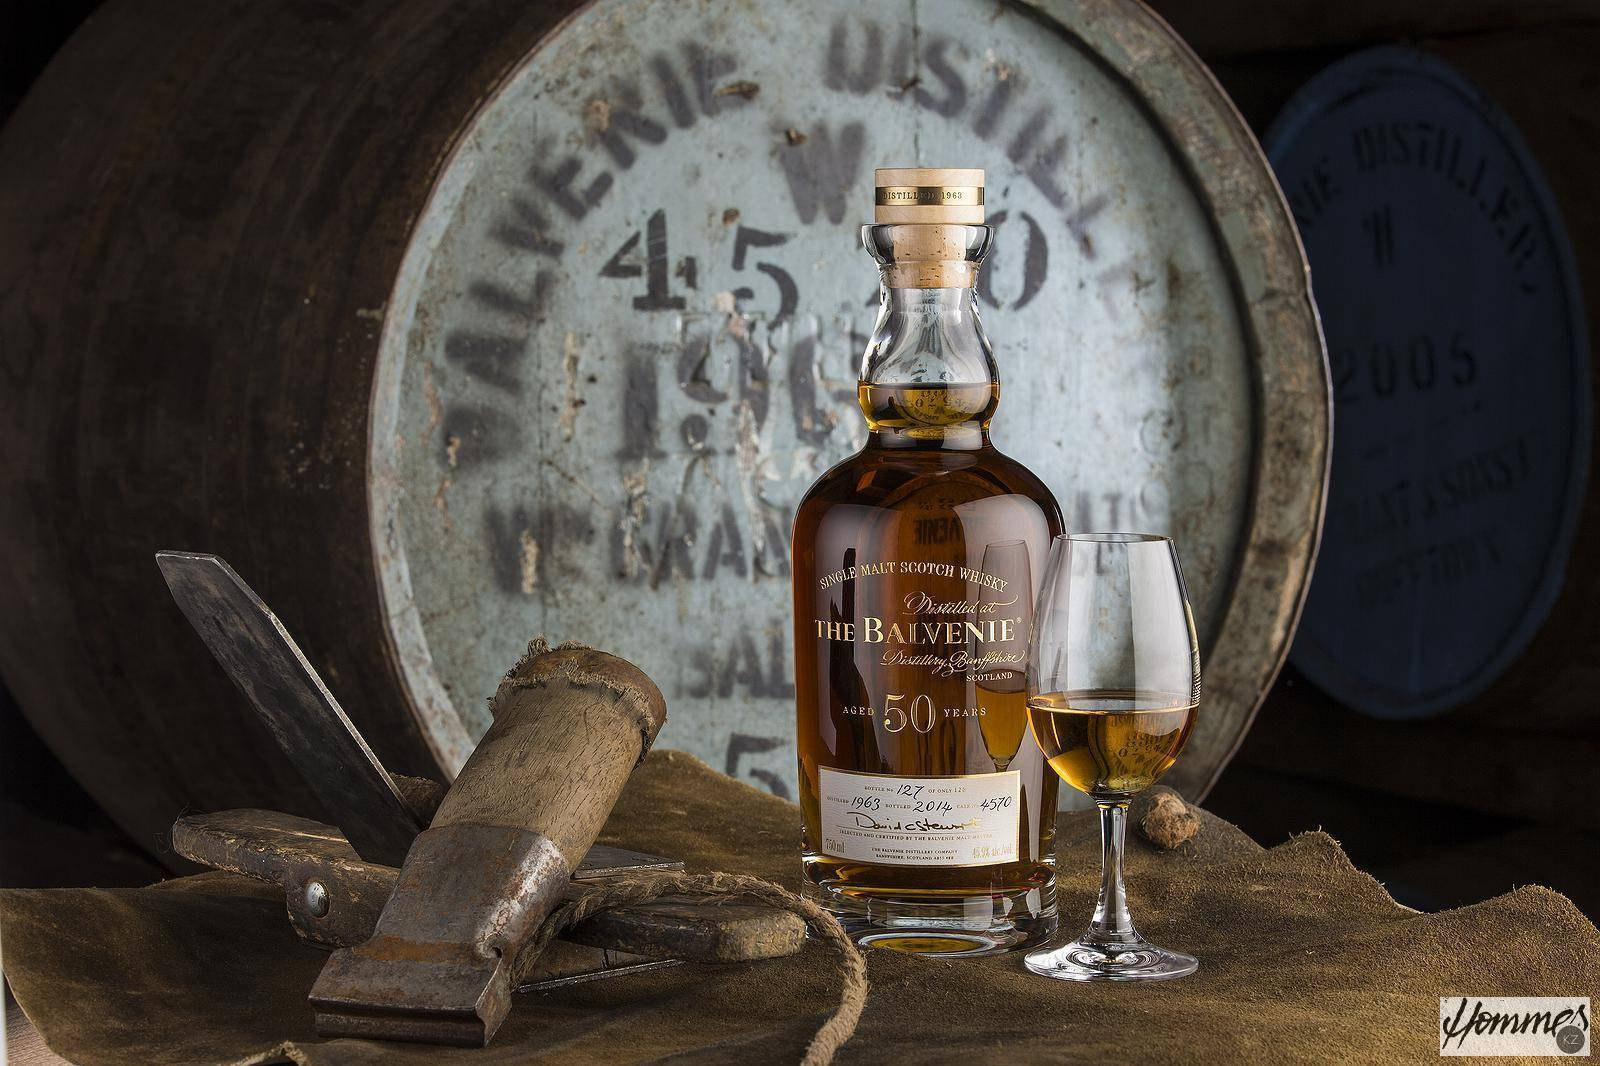 Самый дорогой виски в мире (фото). топ-10 самых дорогих виски